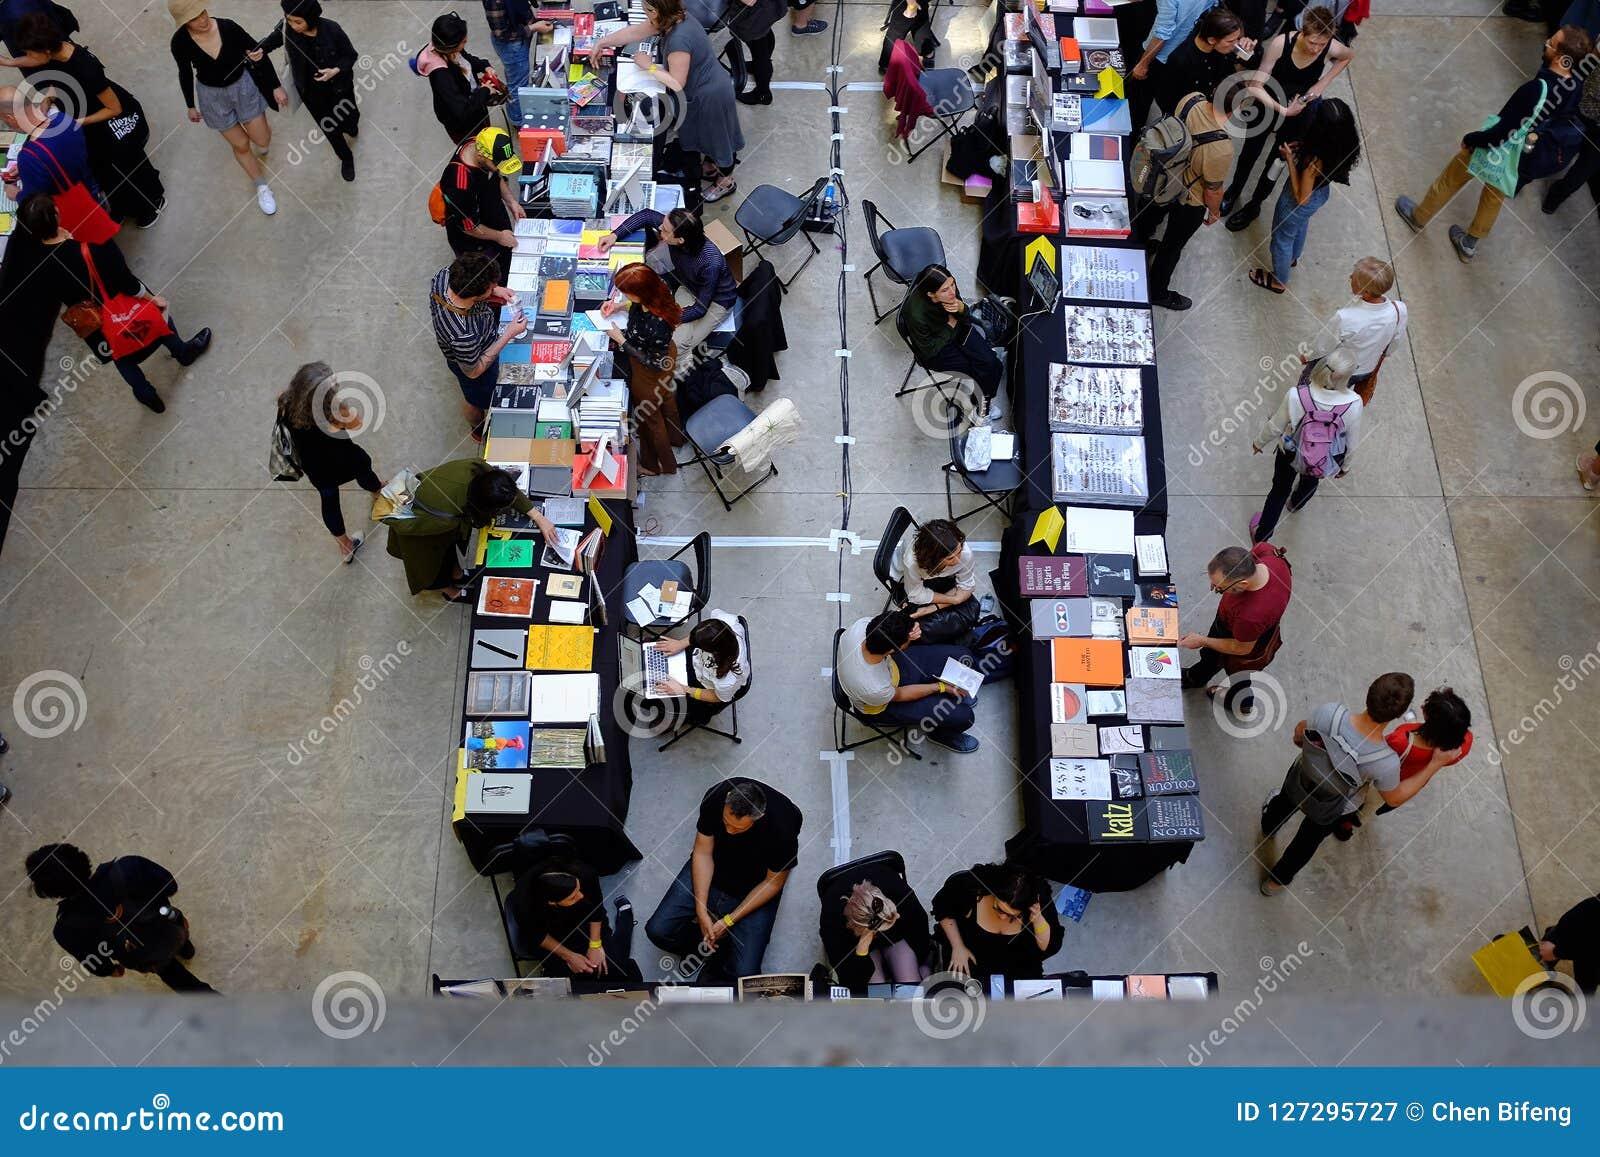 Indoor art book fair